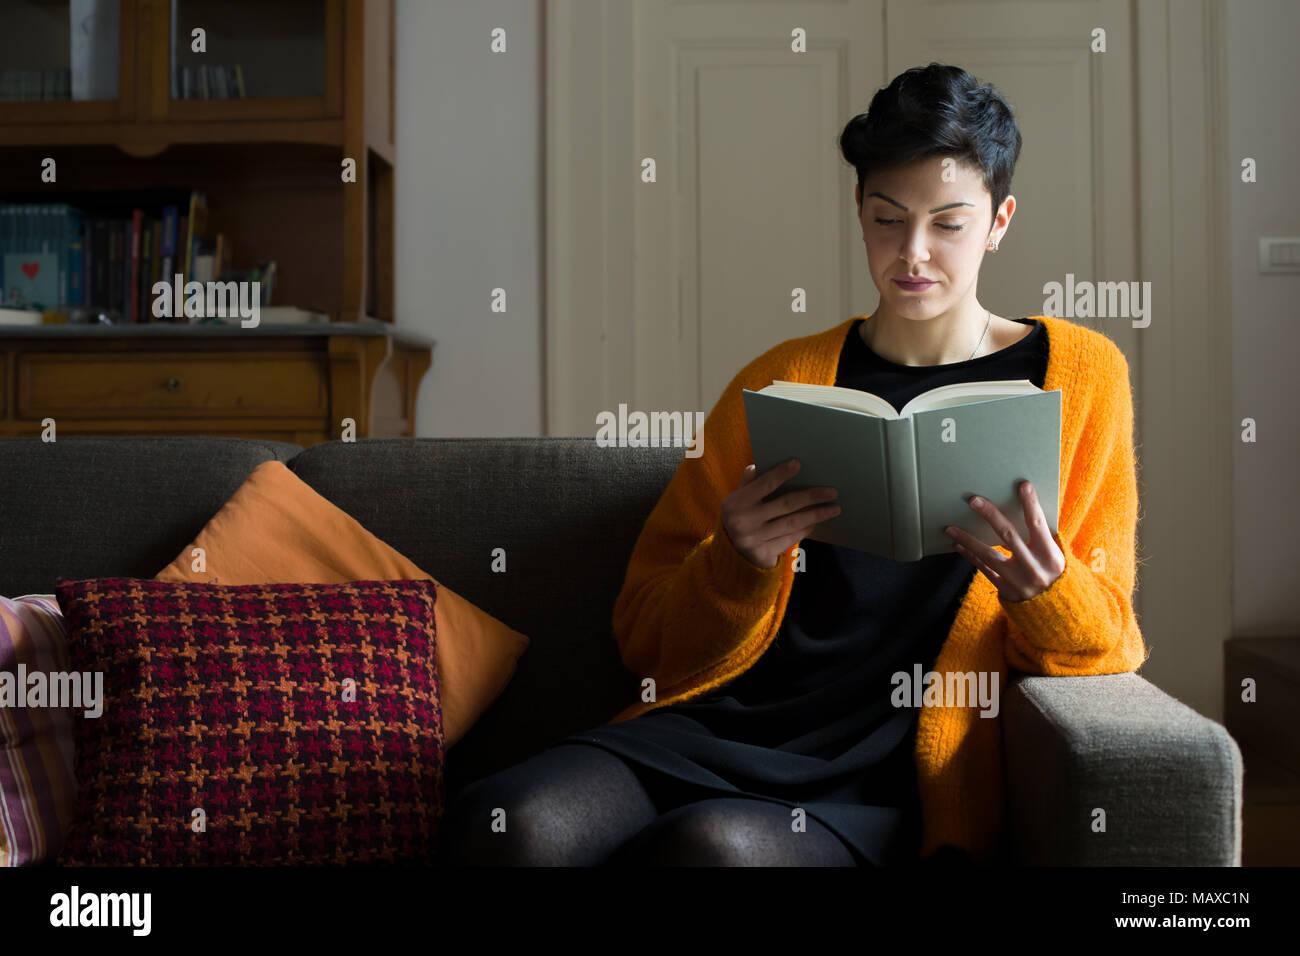 Femme aux cheveux courts la lecture d'un livre sur un canapé Photo Stock